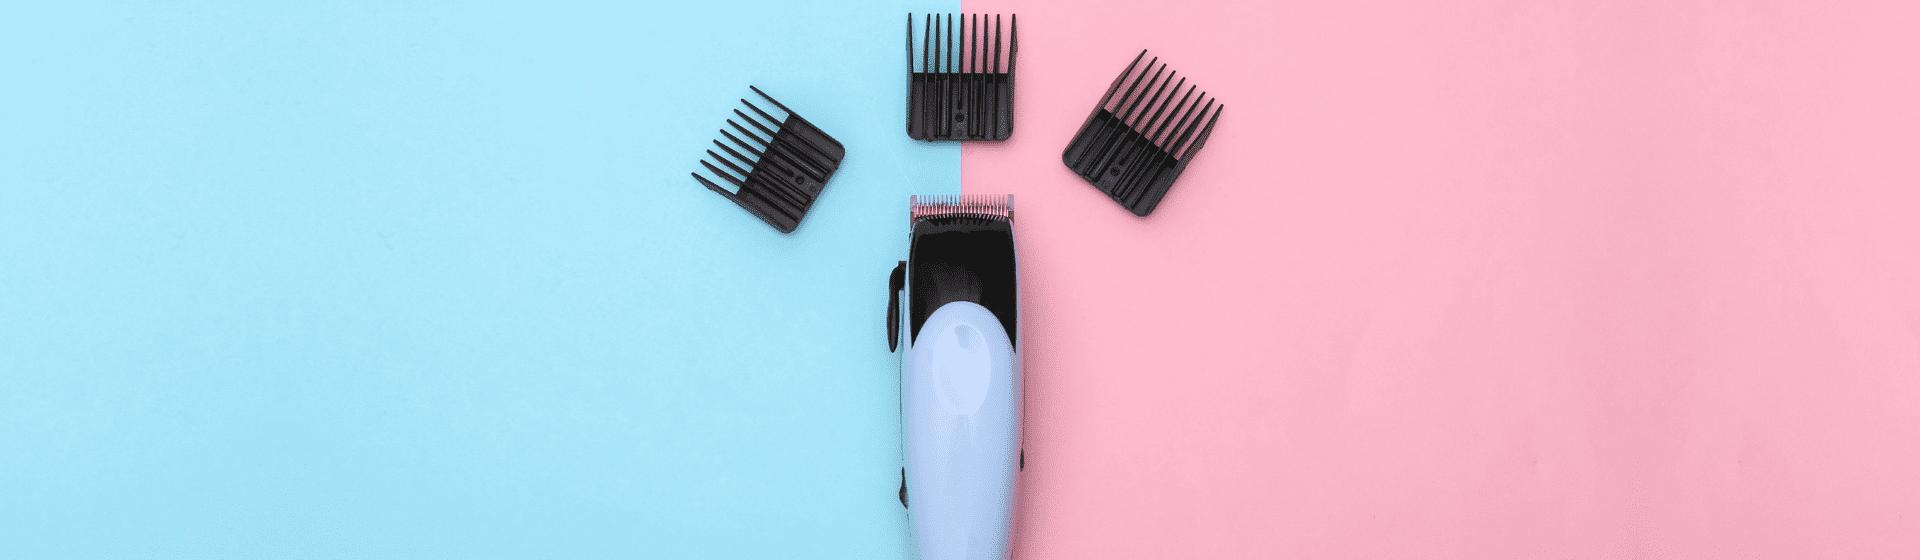 Melhor máquina de cortar cabelo profissional de 2021: 5 modelos para comprar